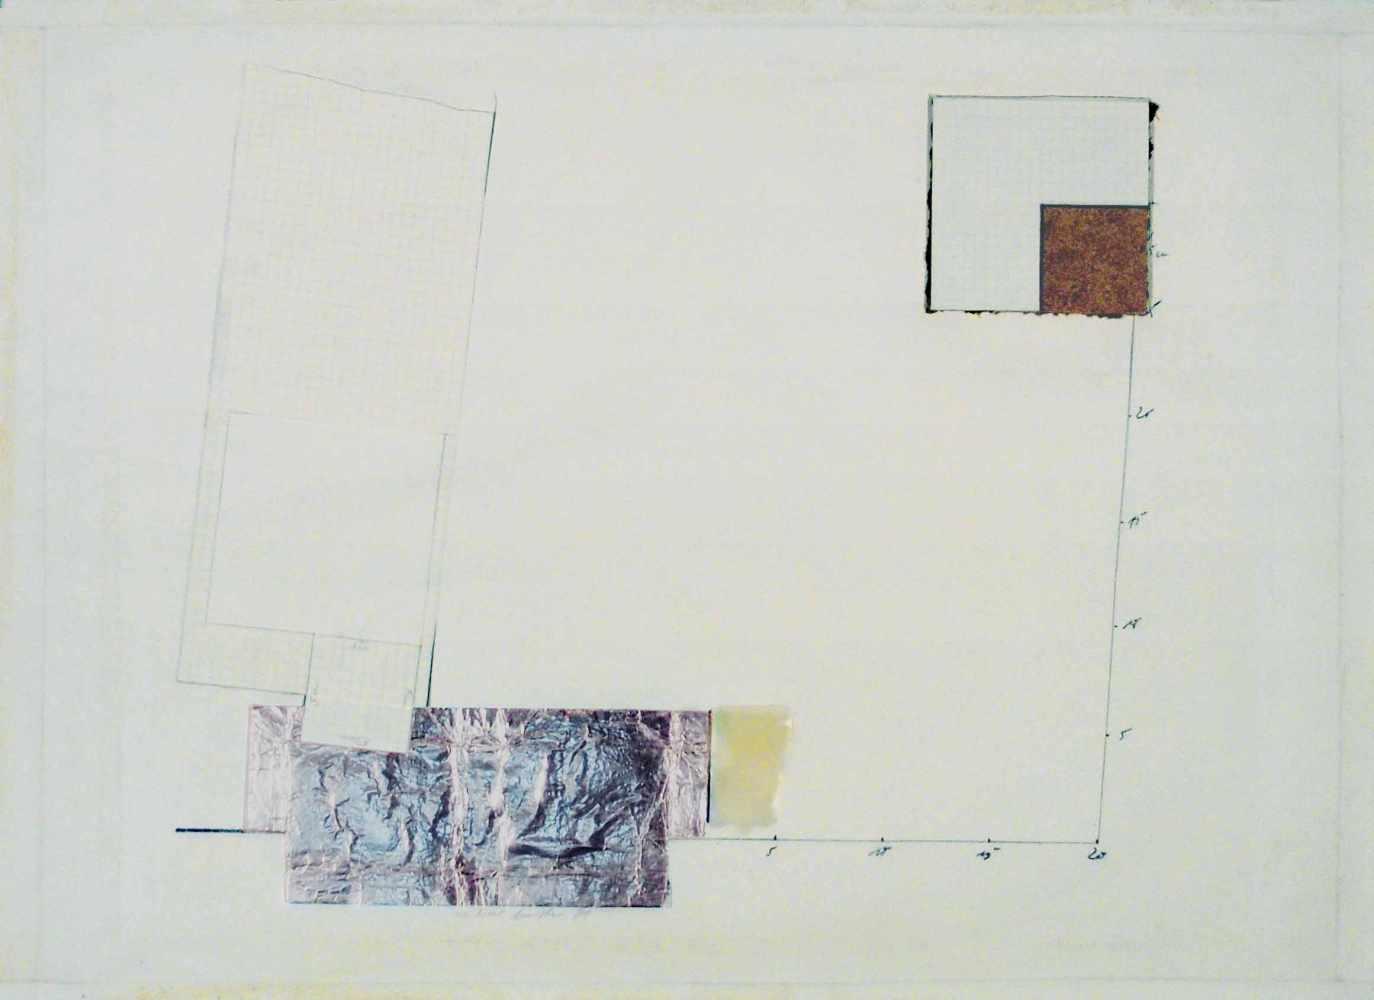 Lot 39 - Michael ButheSonthofen 1944 - 1994 KölnOhne Titel. Bleistift und Collage. 1969. 46,8 x 64,5 cm.